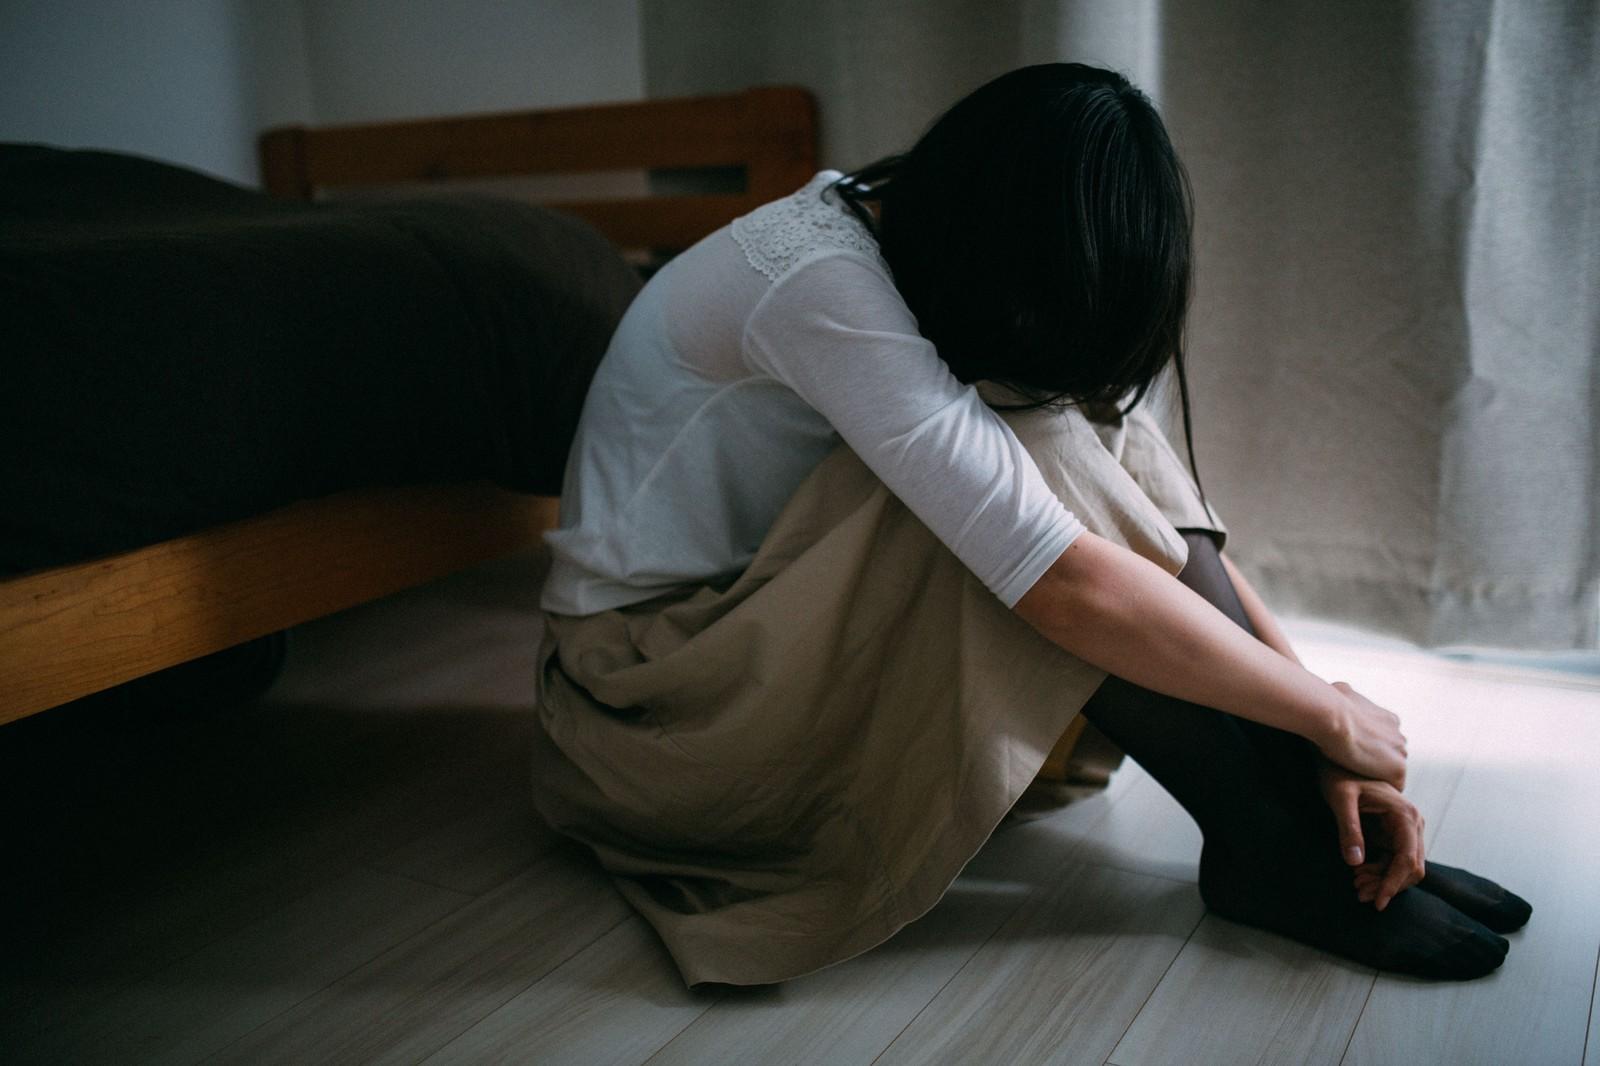 【衝撃】20歳以上の4人に1人が「自殺を考えたことがある」との調査結果!20~30代は驚きの30%超え!